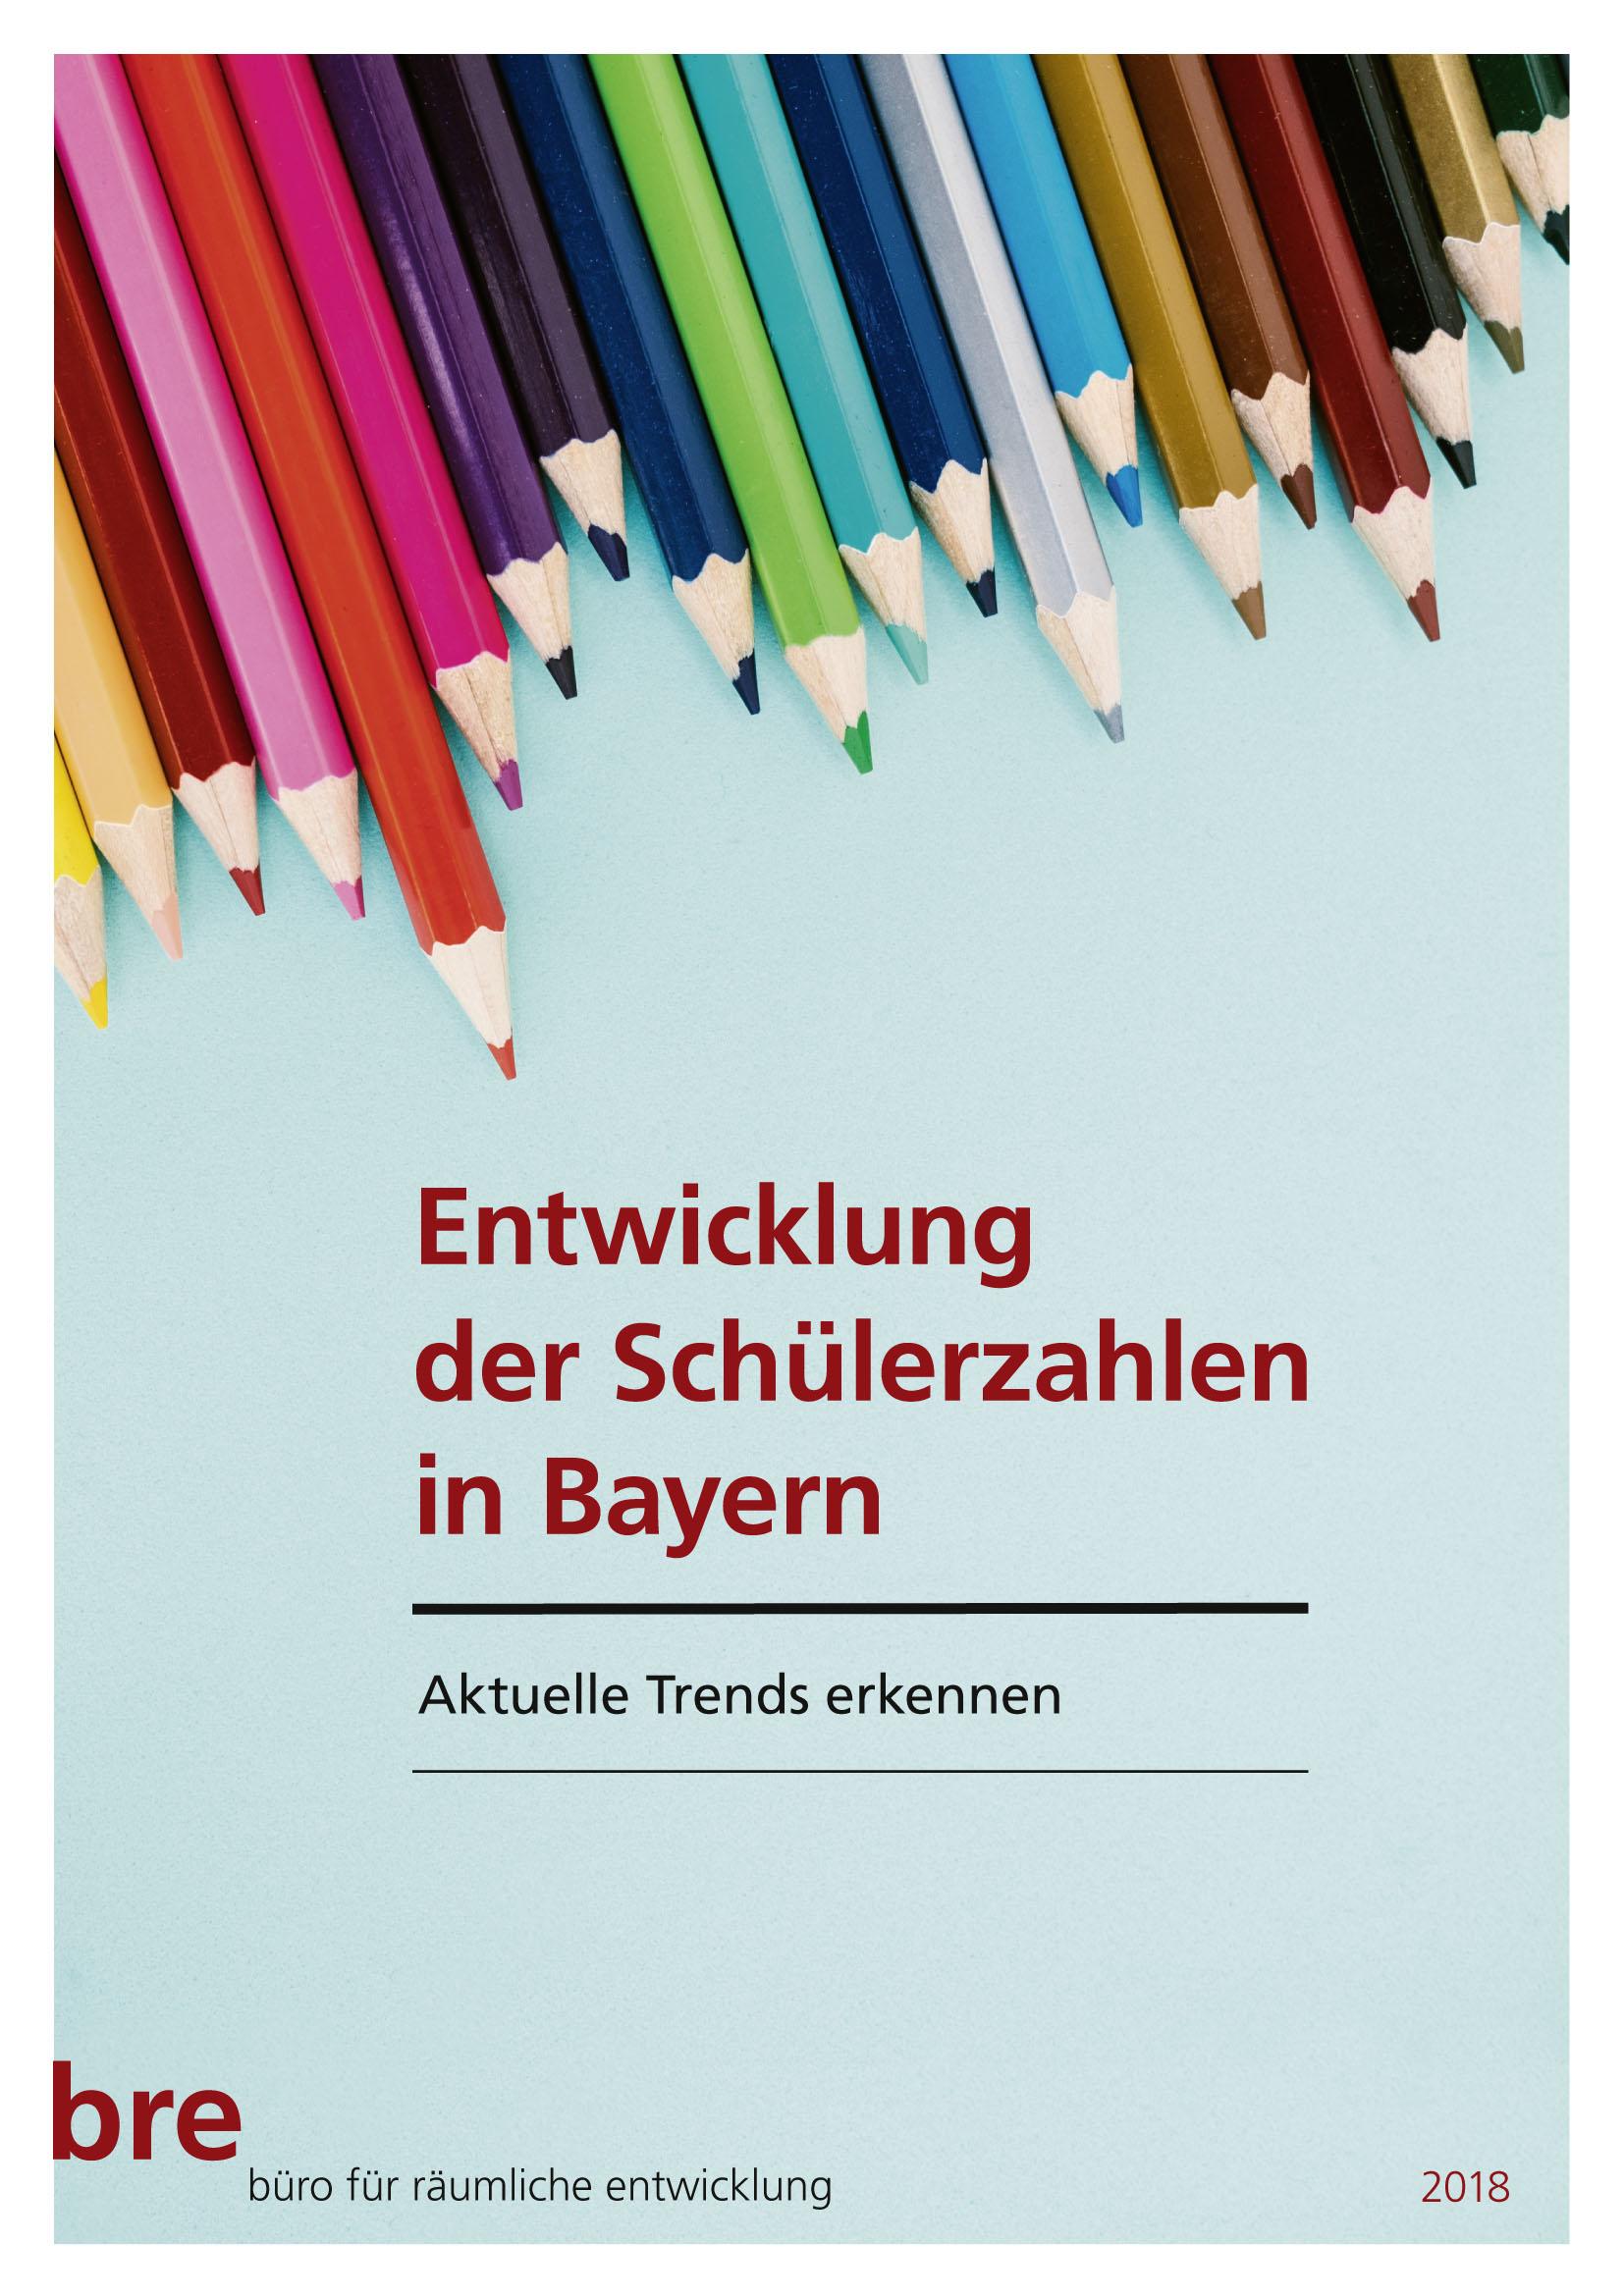 Broschüre büro für räumliche entwicklung